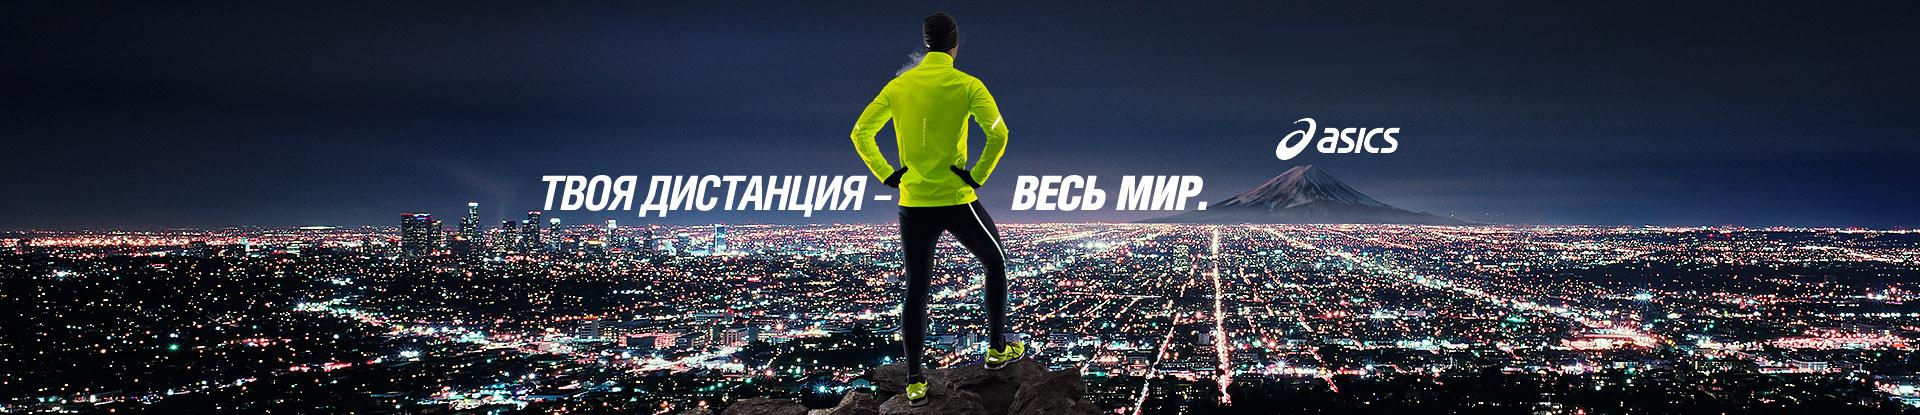 Компания VolleyMAG, являясь официальным дистрибьютором TM ASICS в Украине,  как всегда, предлагает наиболее низкие цены на профессиональную экипировку  в ... 71e02c9e9e0